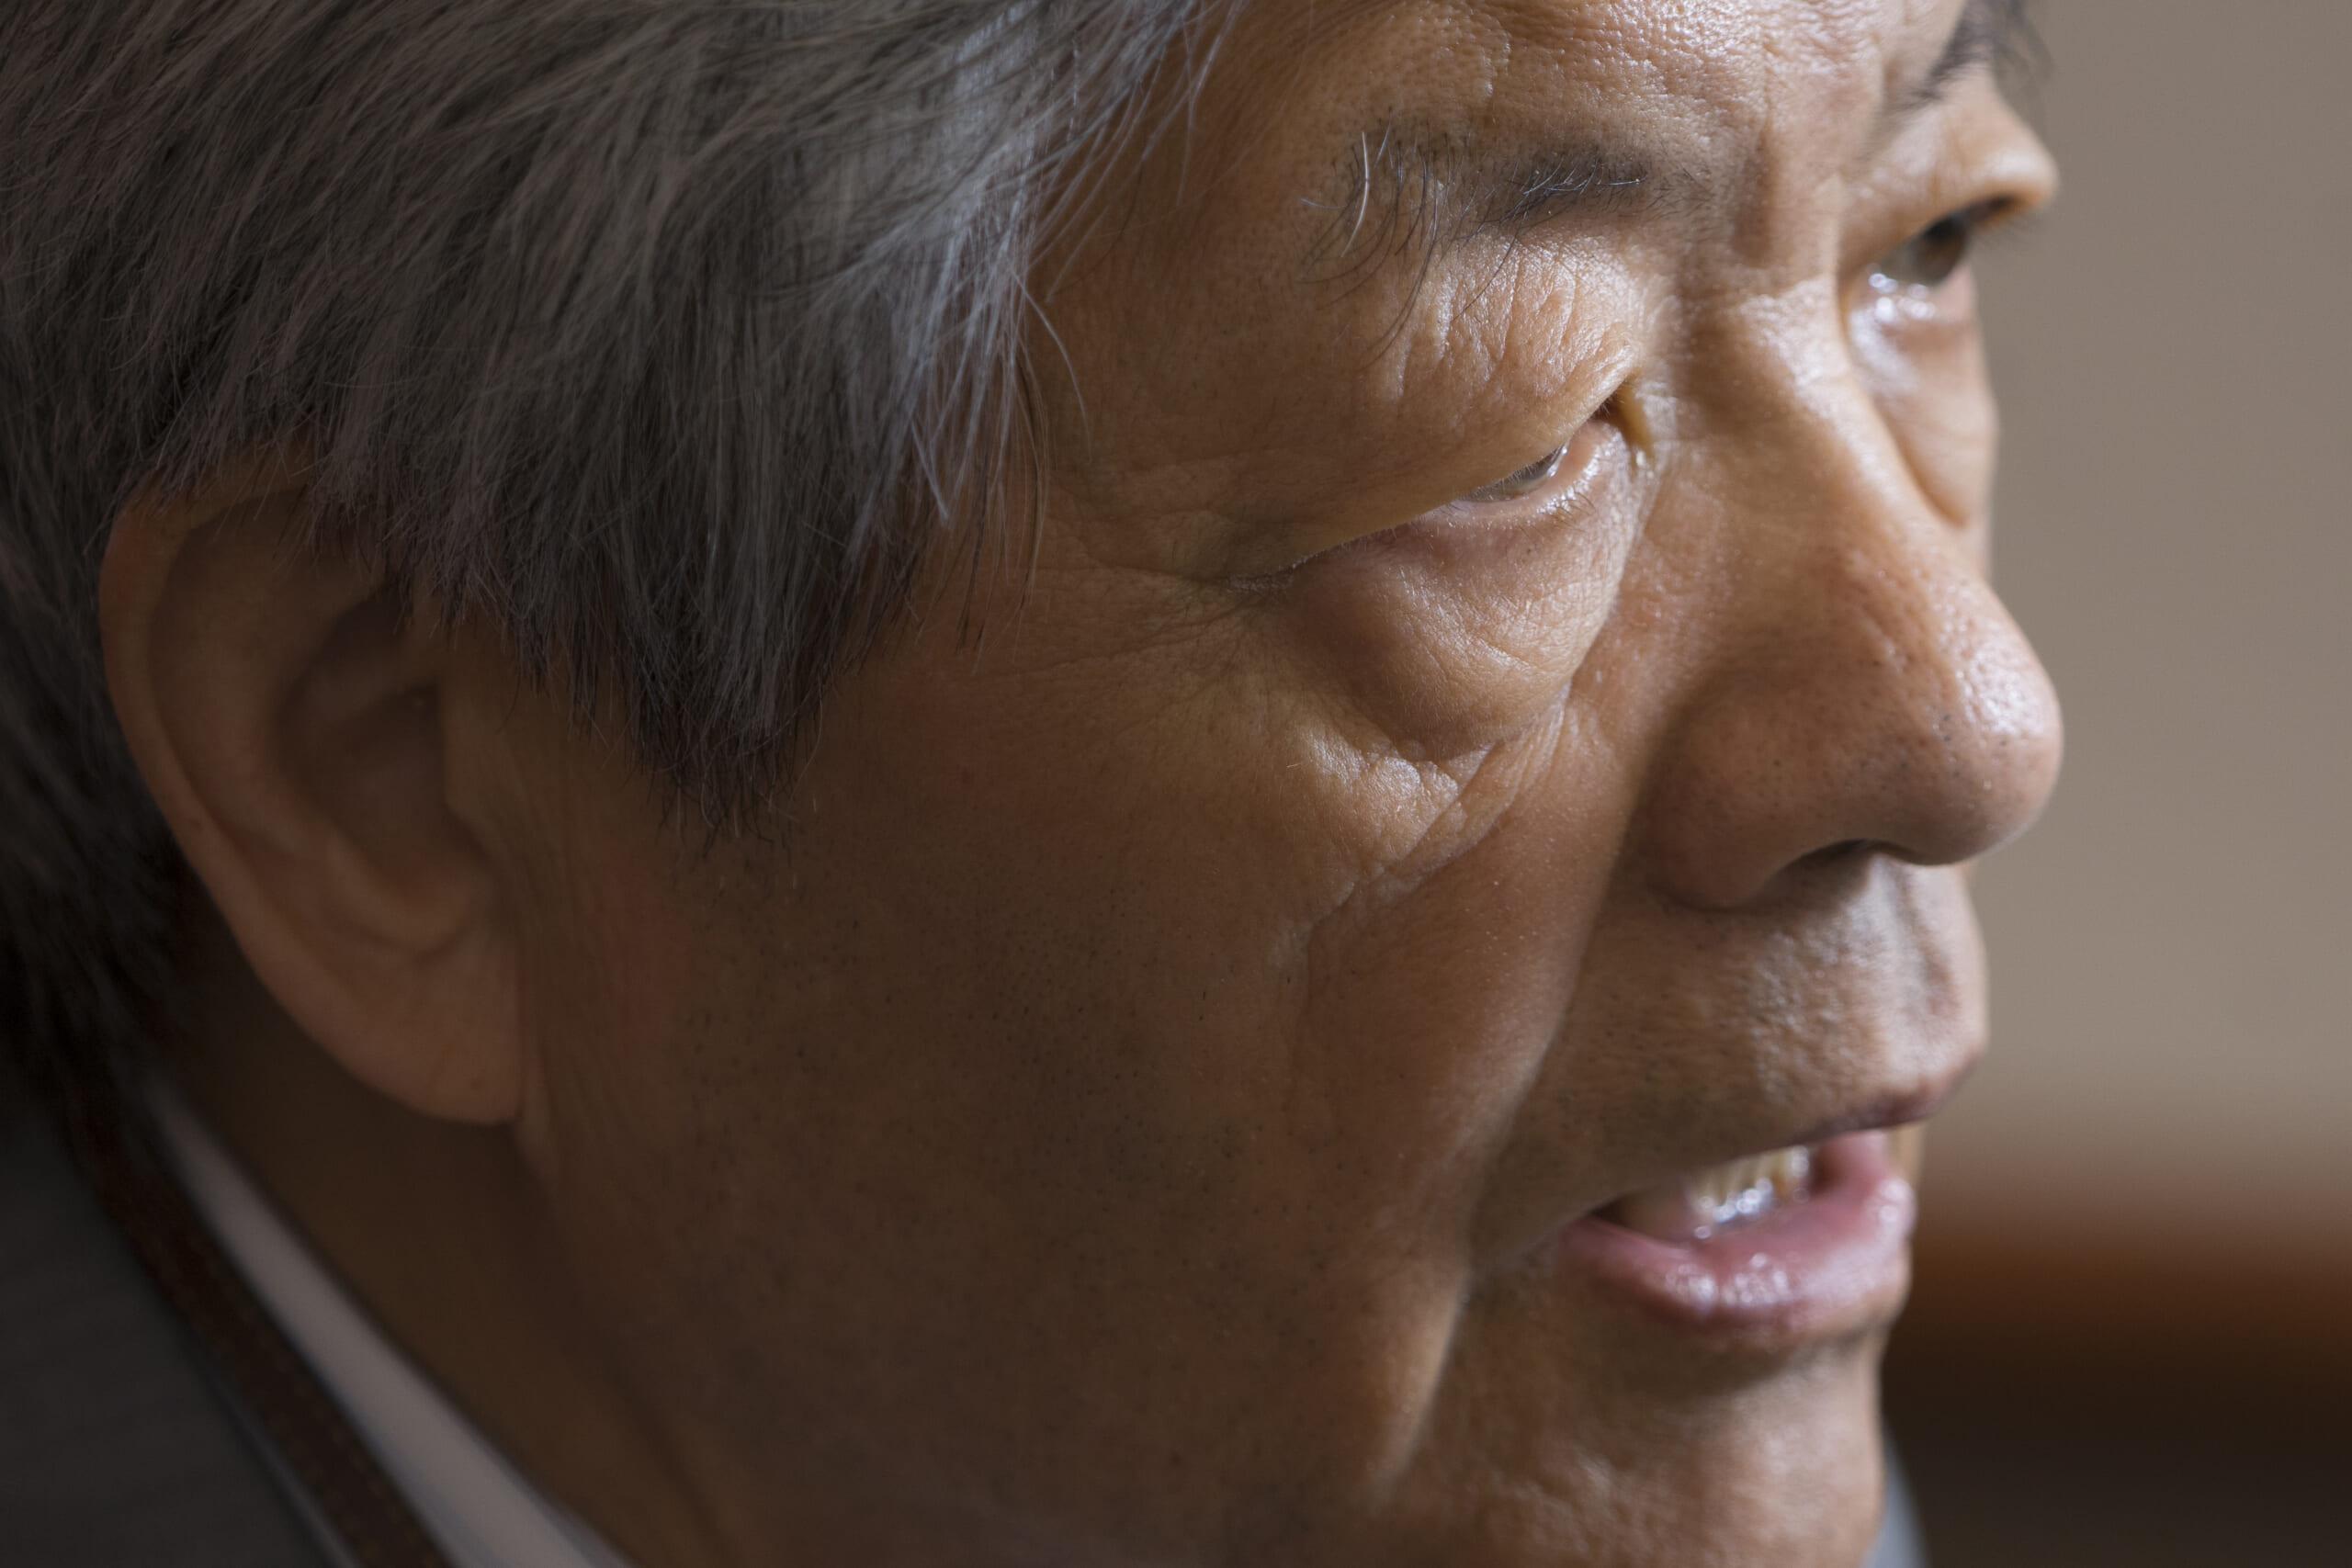 田原総一朗 「日本は自民党一党体制。自民党は保守なんだけど、やっていることはリベラル」